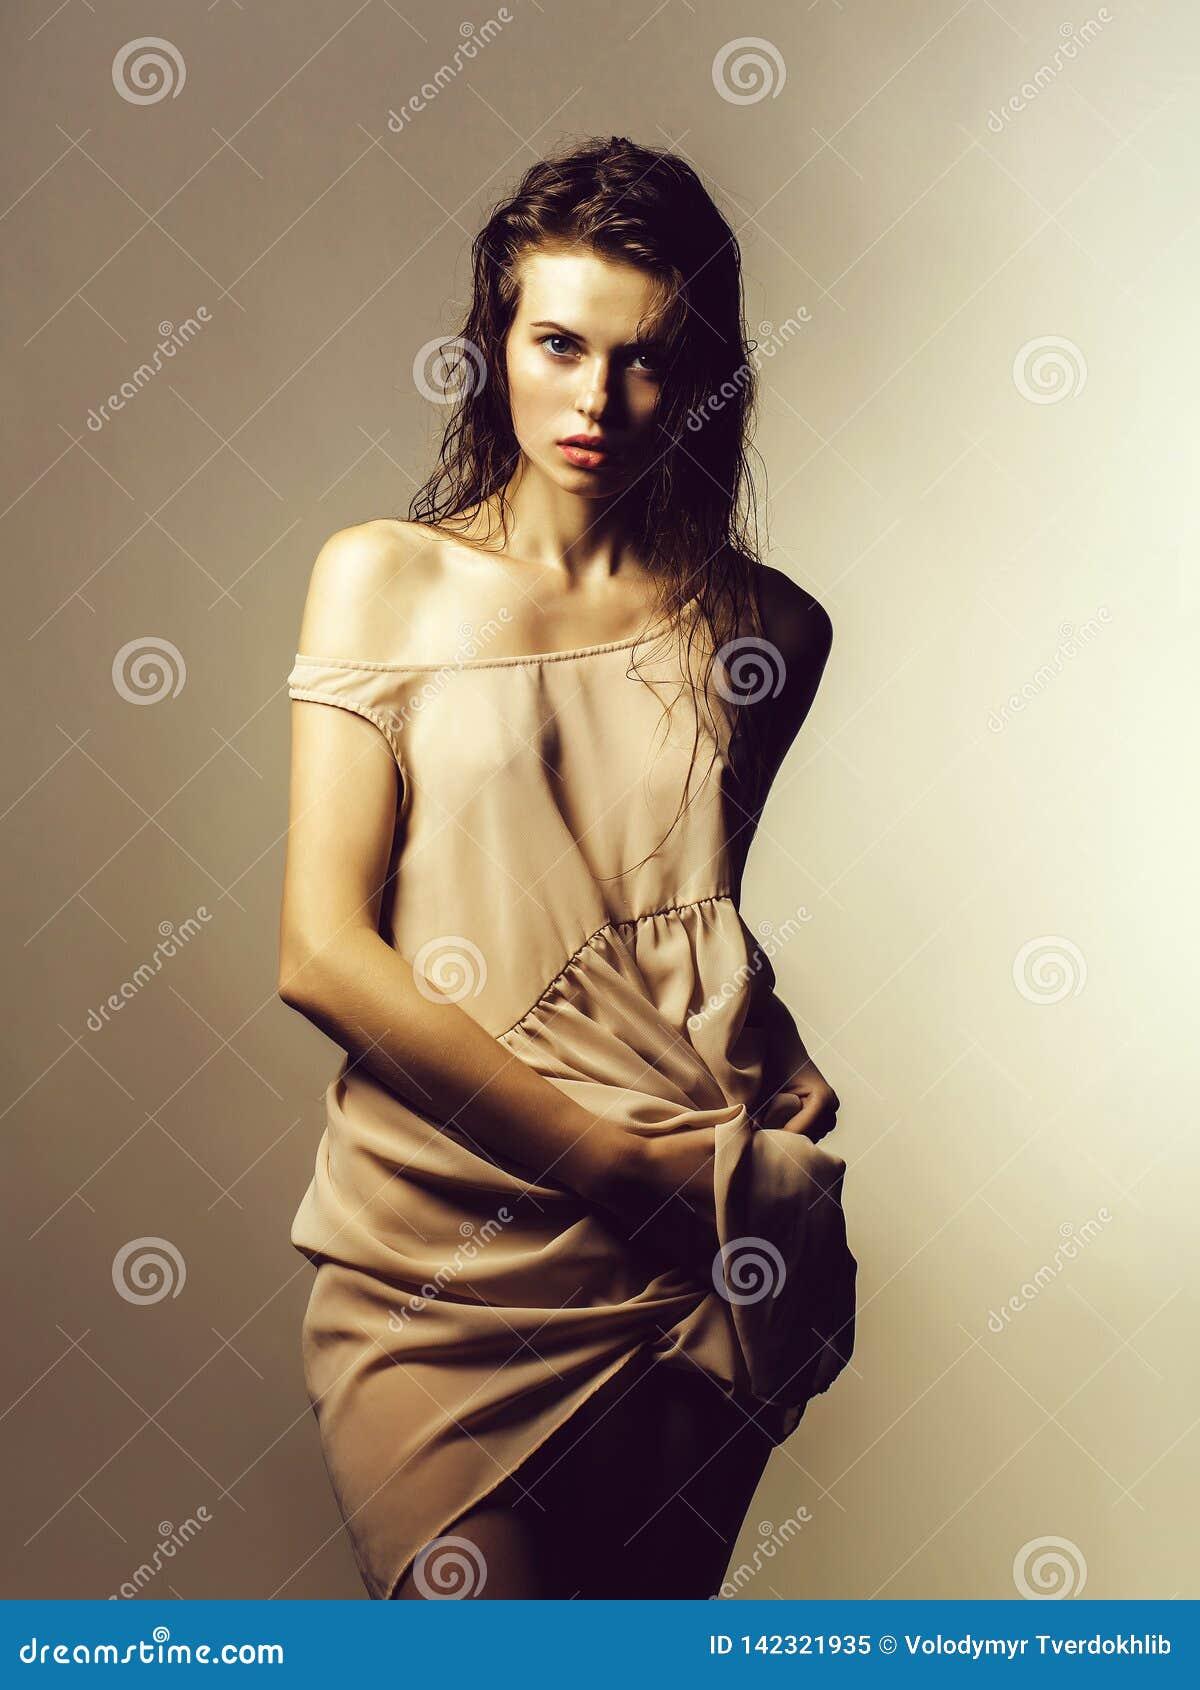 Ragazza sexy graziosa in vestito beige